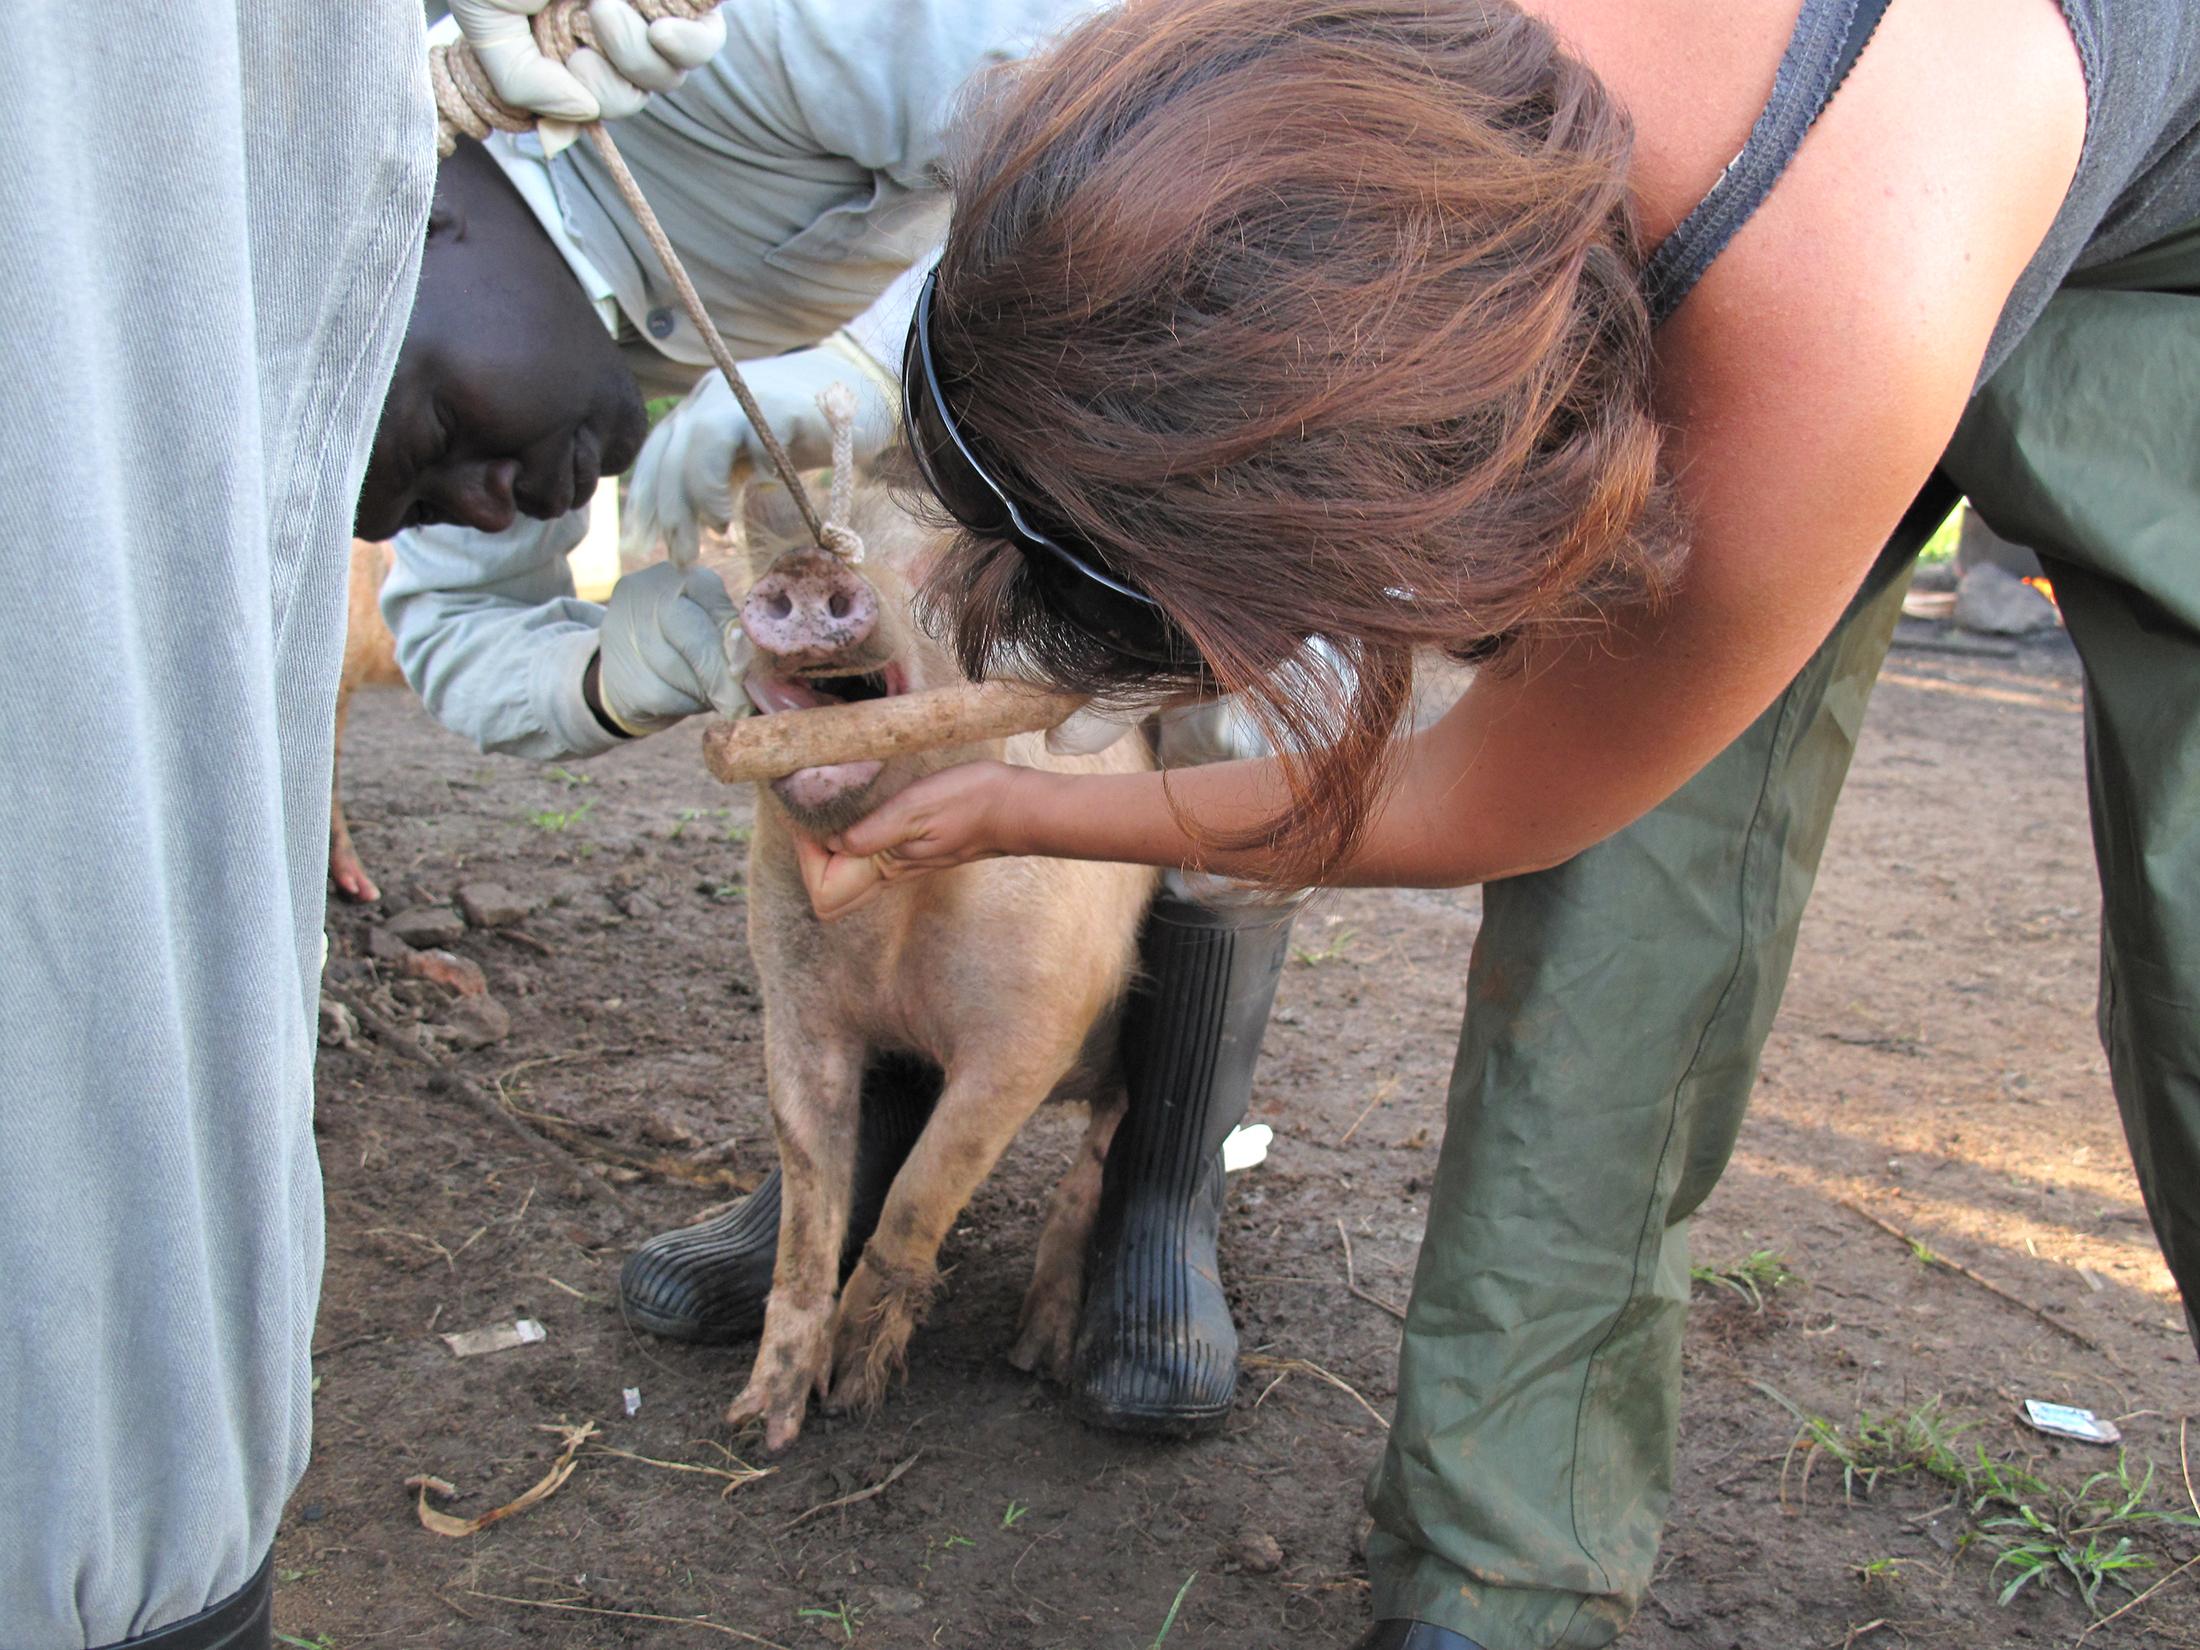 pig inspection cysticercosis lgt tmb 1200v jpg?Culture=en&sfvrsn=7c8f1a7d 7.